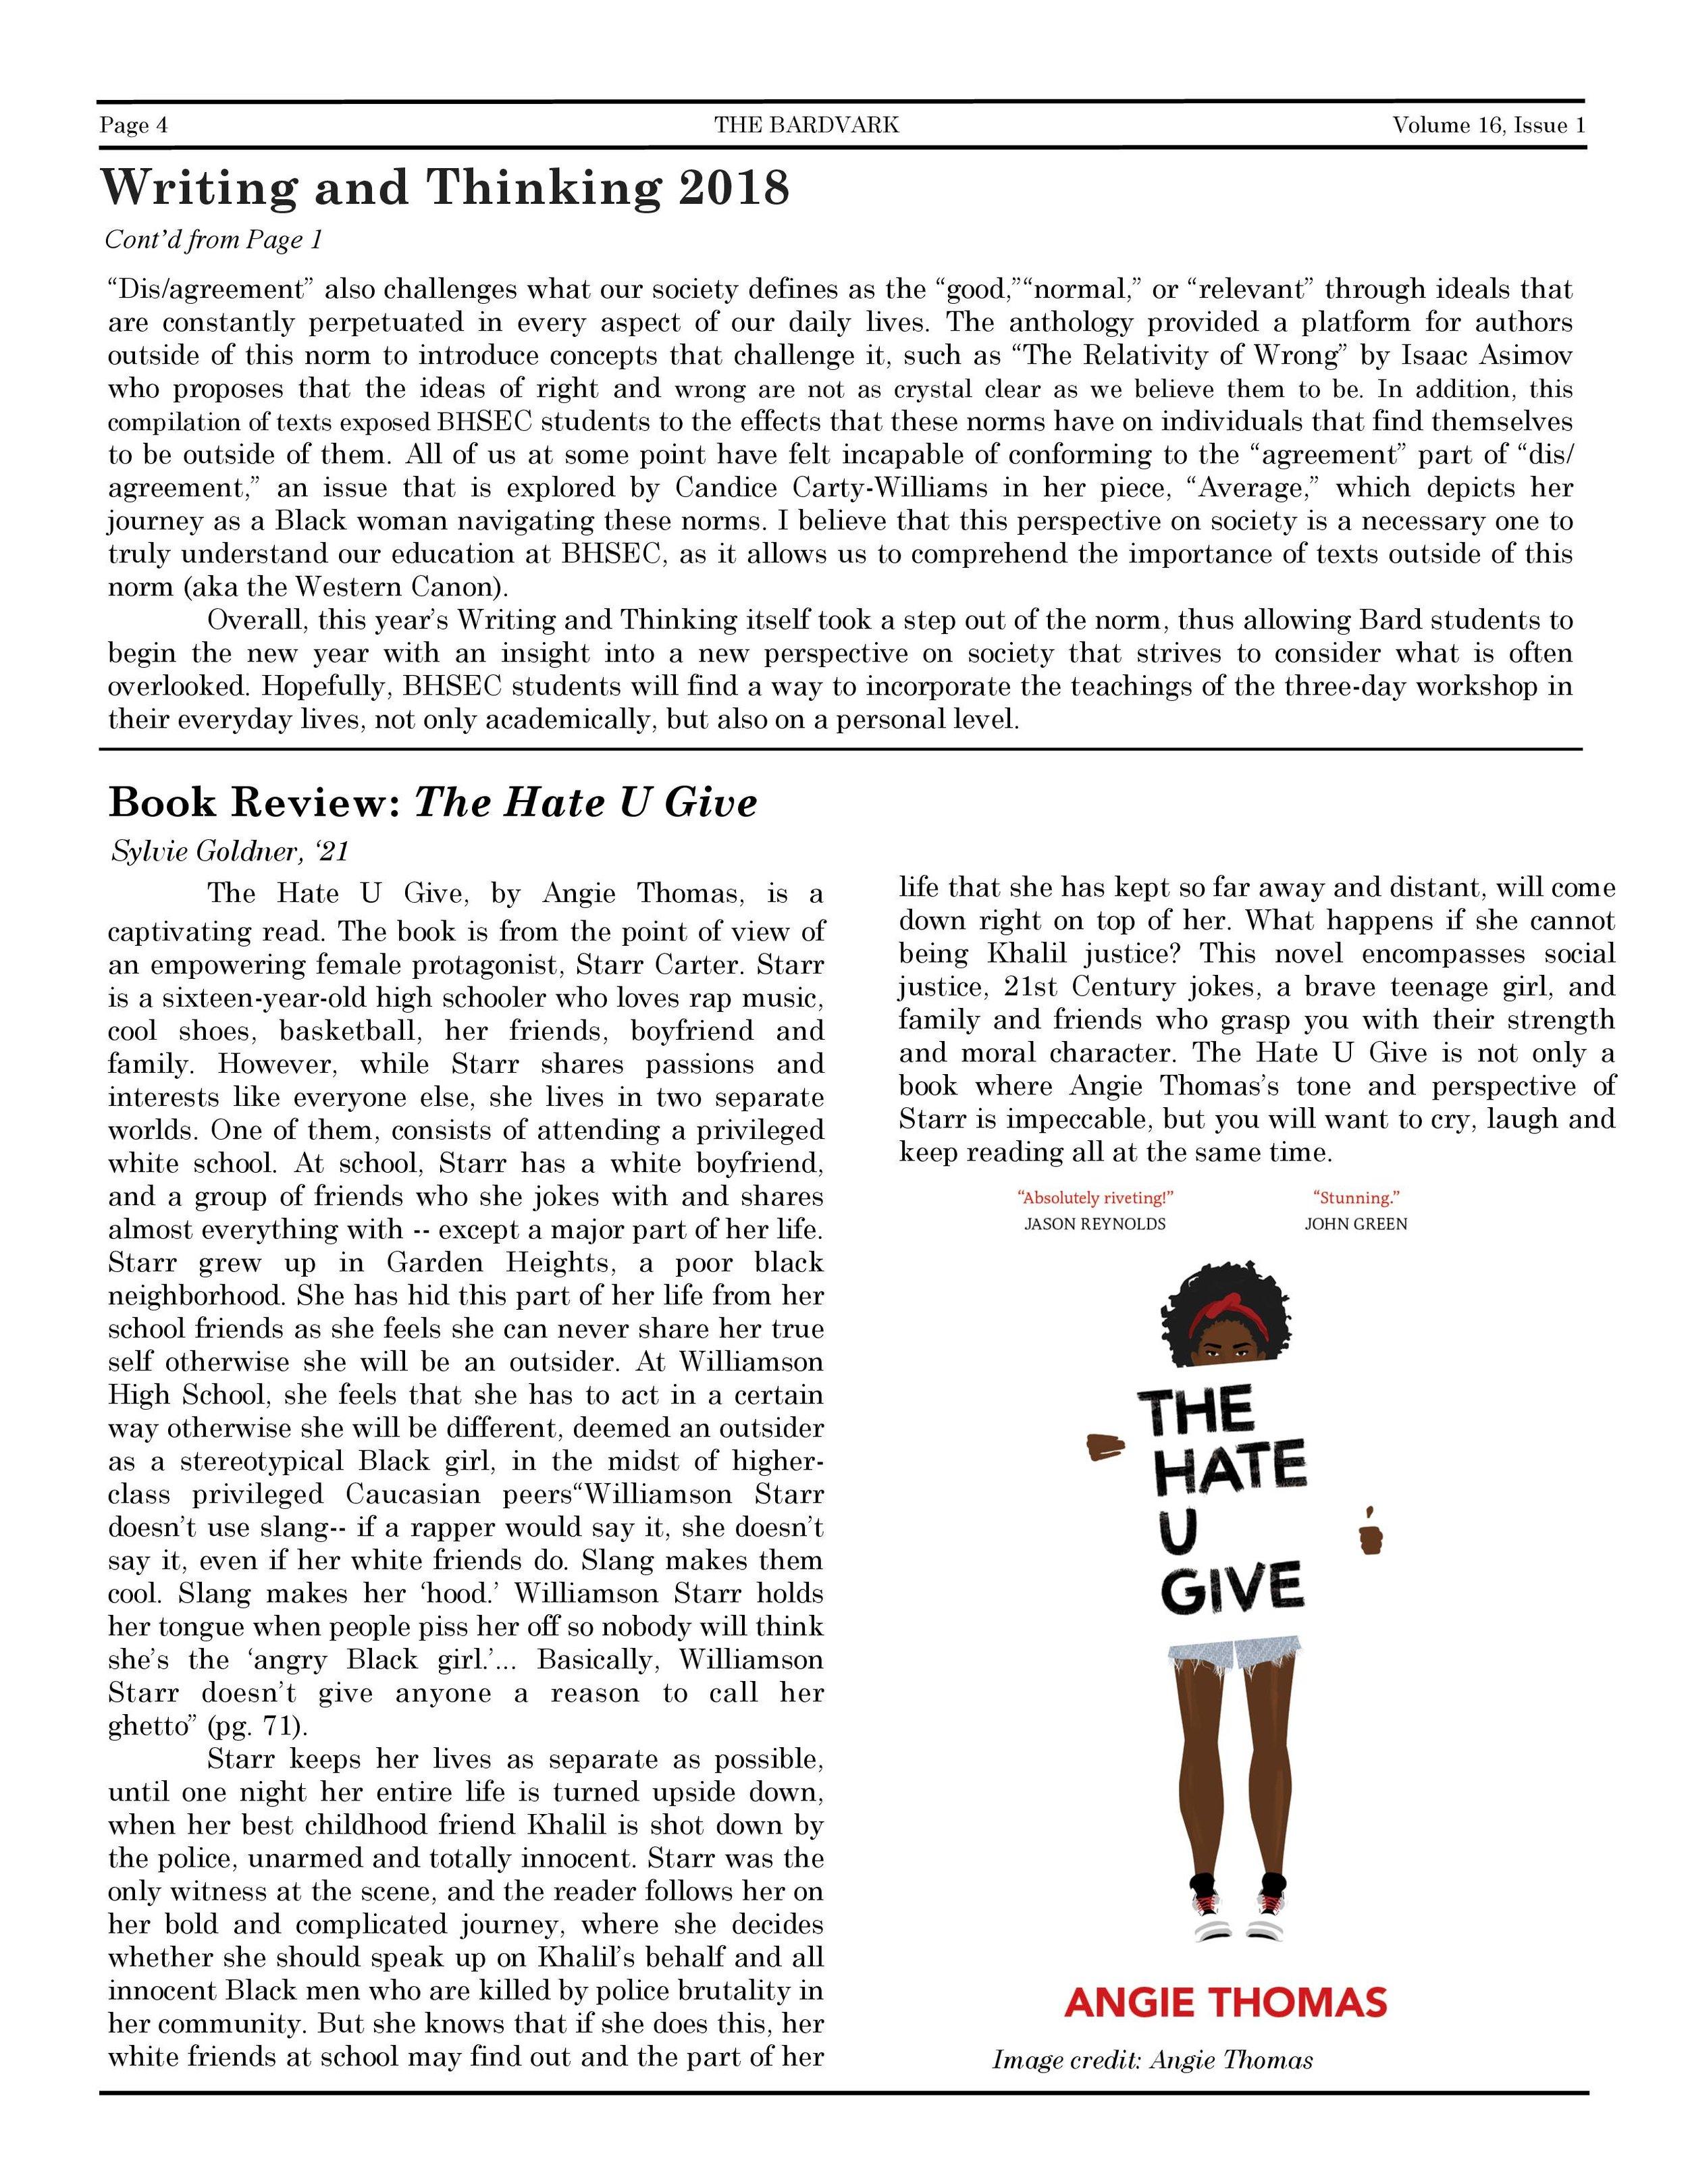 Issue 1 September 2018-4.jpg